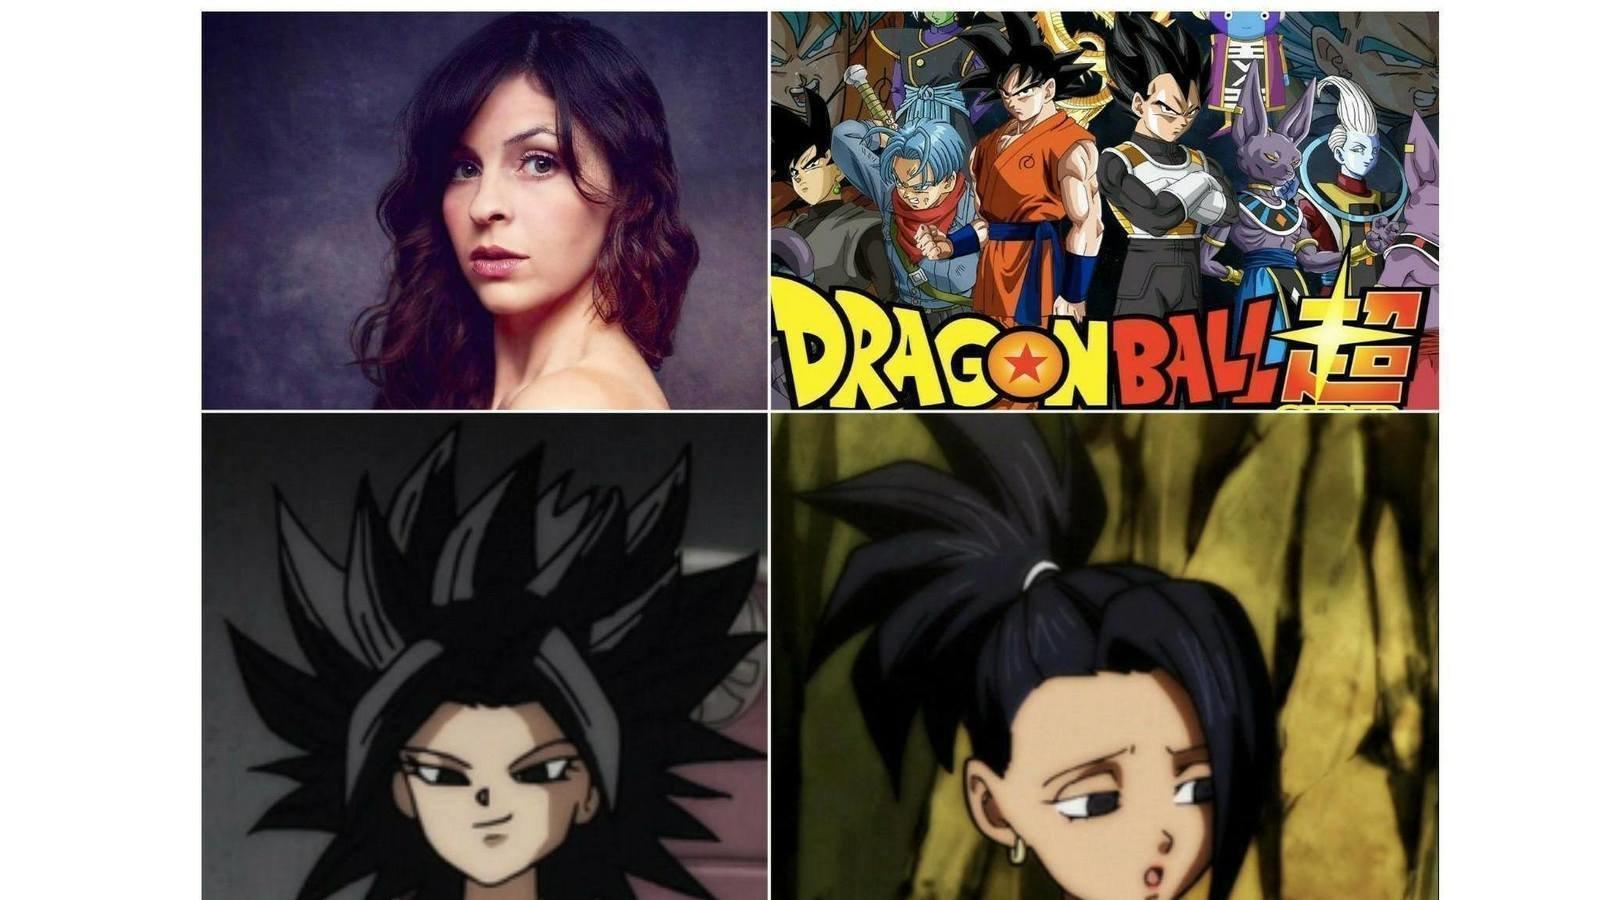 Topic · Dragon ball · Change org